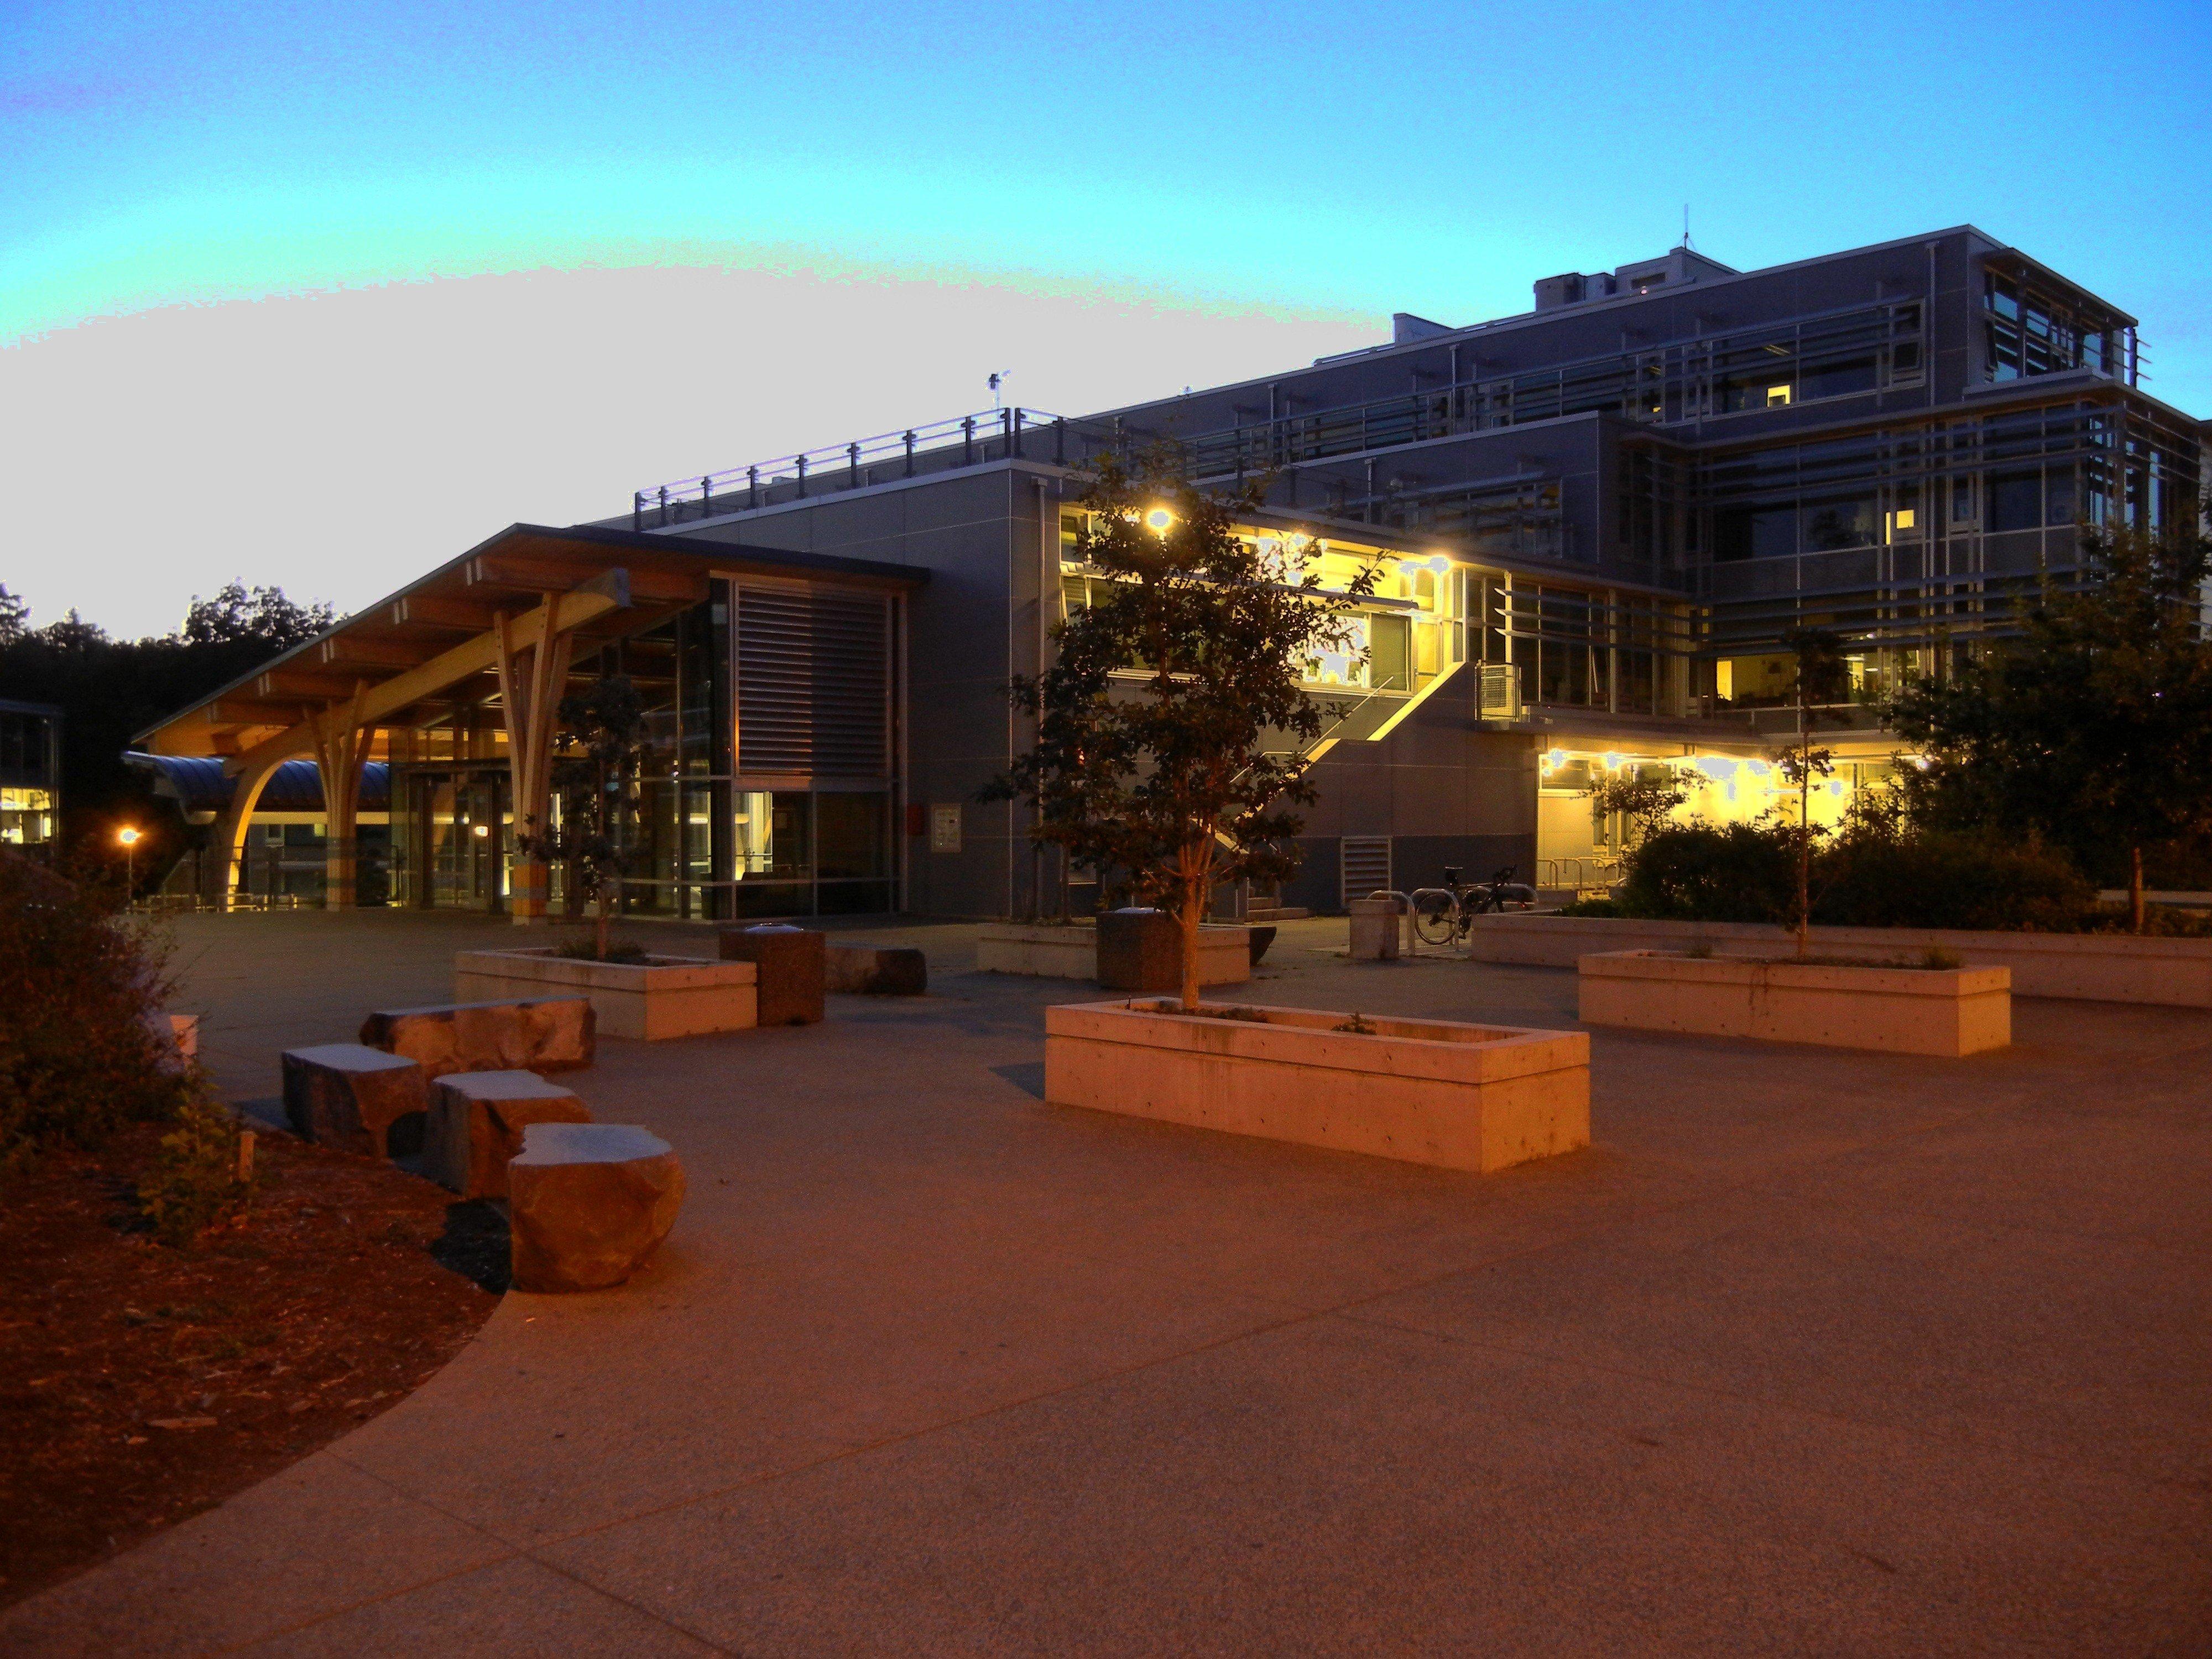 Là đại học Top 10 tại Canada và thuộc Top 200 trên thế giới, Victoria University thu hút đông đảo du học sinh quốc tế bởi danh tiếng của trường, chất lượng đào tạo đỉnh cao, nhiều công trình nghiên cứu tầm cỡ, nhiều học bổng, hỗ trợ tài chính, giải thưởng cho họ sinh xuất sắc. Được trở thành sinh viên của ĐH Victoria là một niềm vinh dự lớn. ELC là con đường chuyển tiếp vào ĐH Victoria hiệu quả nhất!